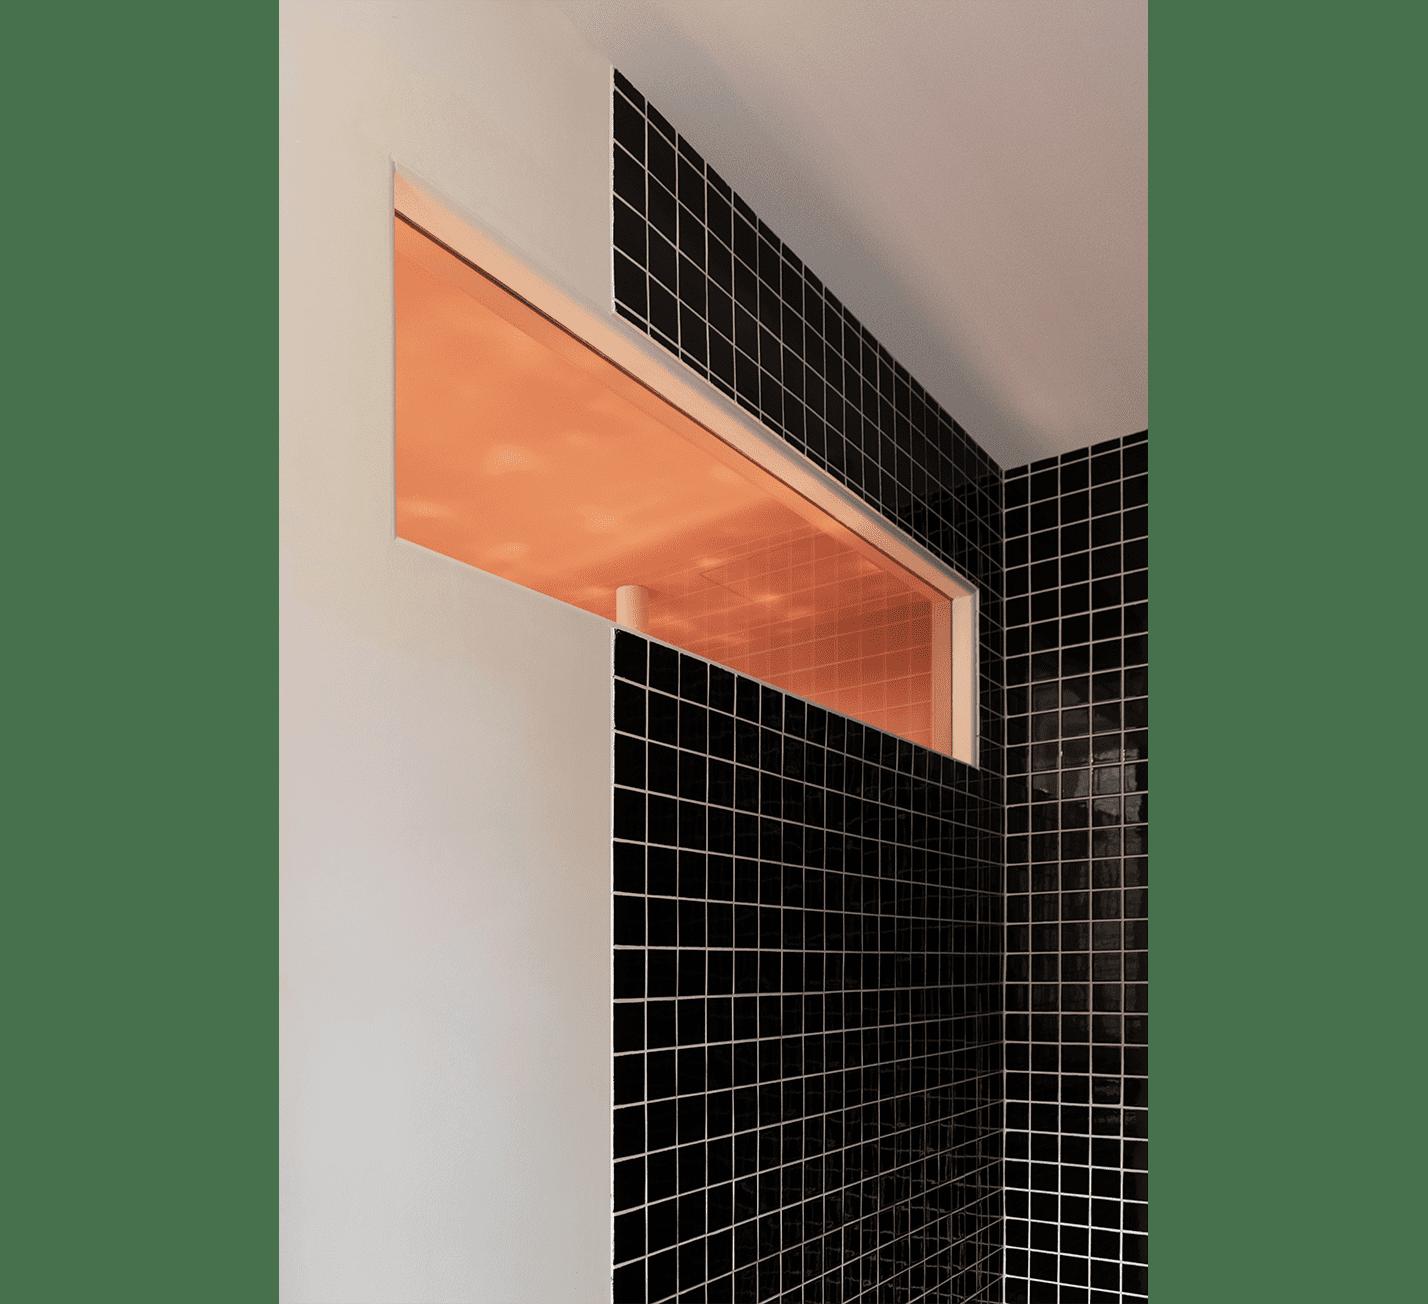 Appartement-Pantin-paris-rénovation-architecture-paris-construction-atelier-steve-pauline-borgia-11